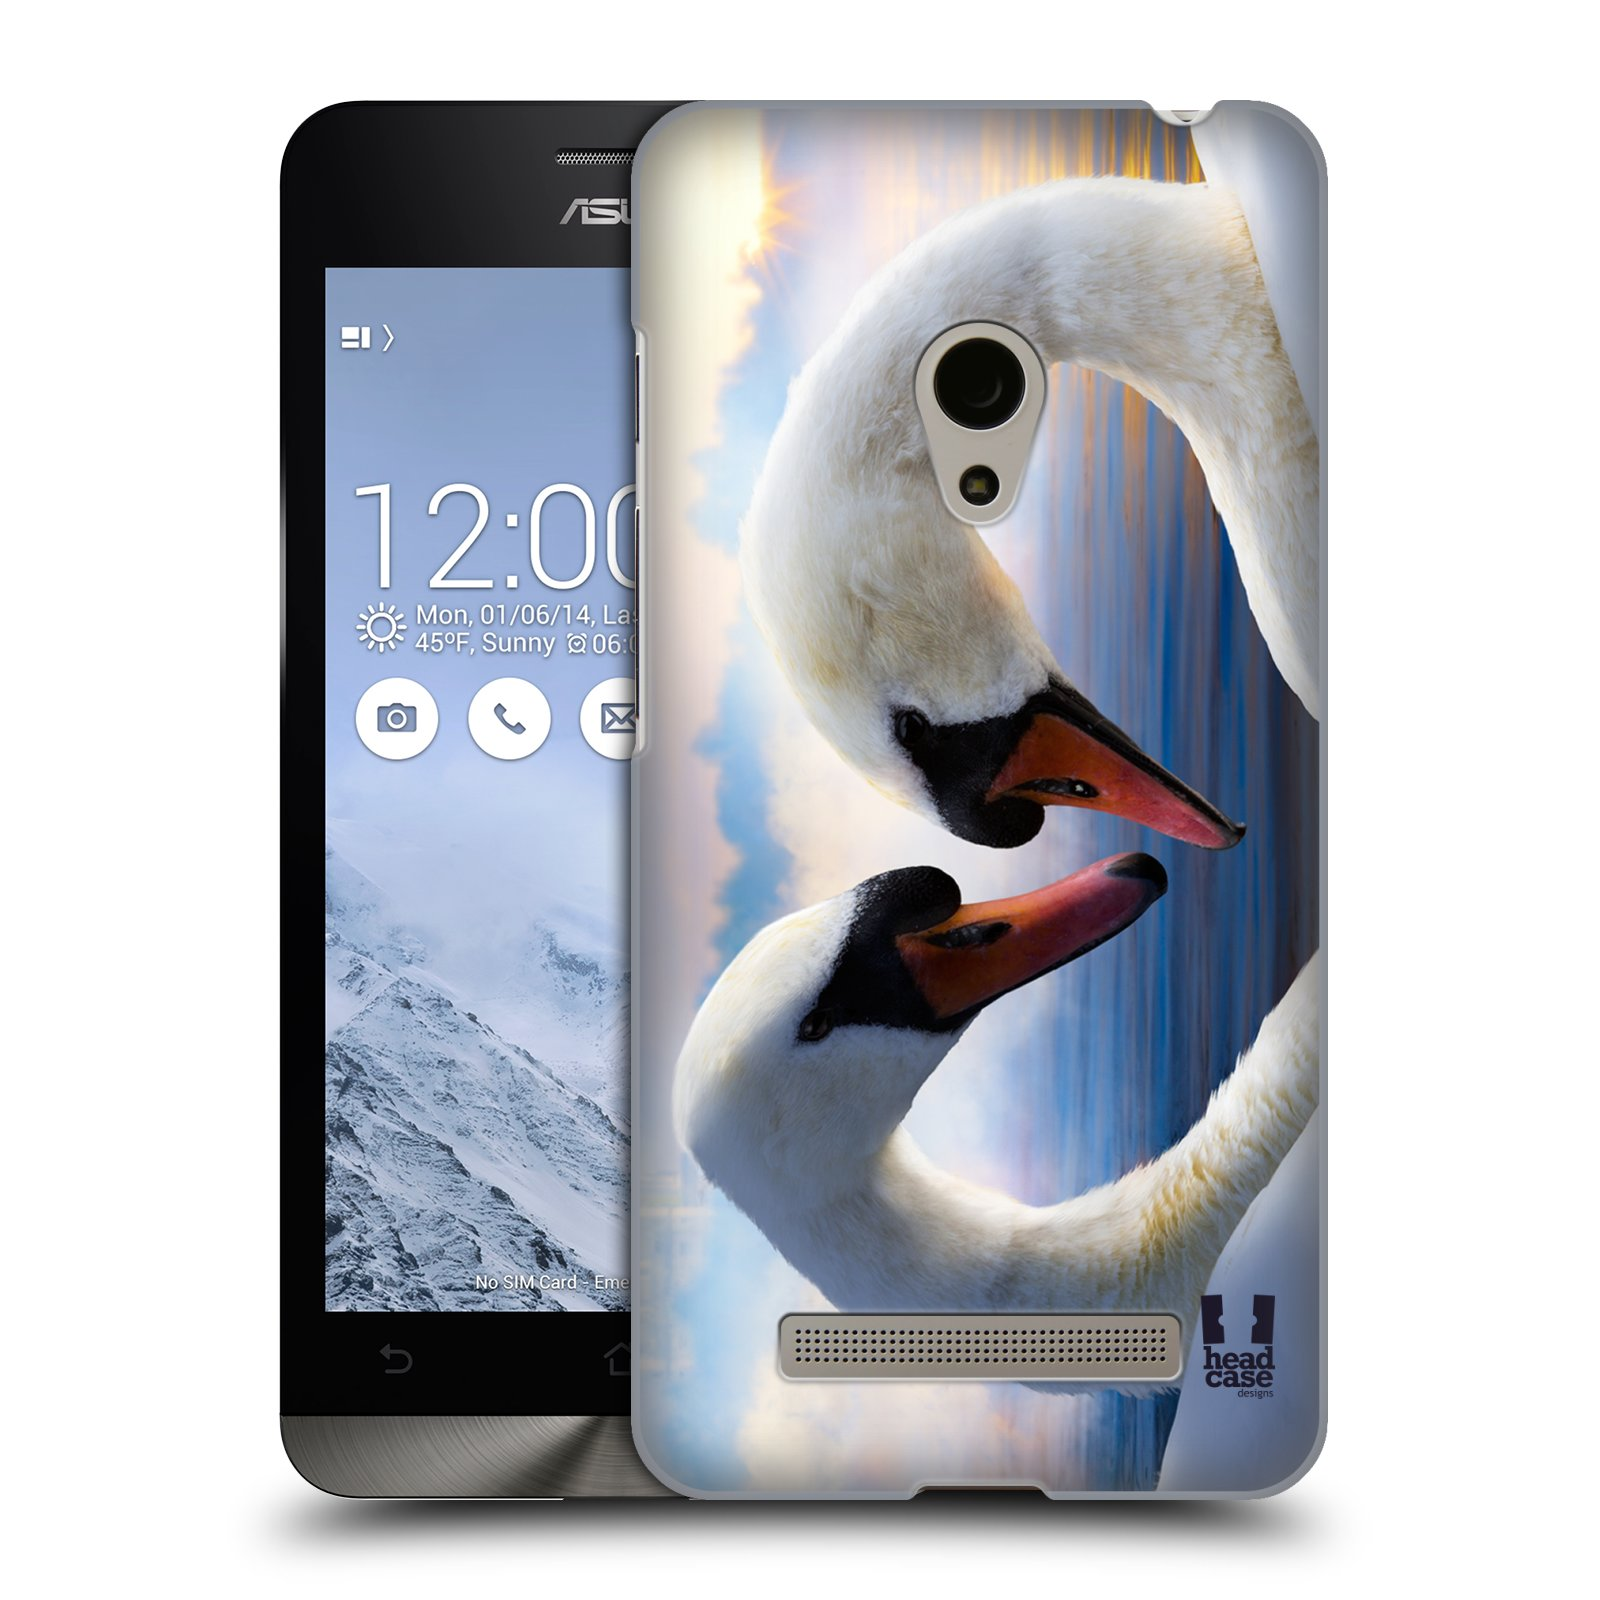 HEAD CASE plastový obal na mobil Asus Zenfone 5 vzor Divočina, Divoký život a zvířata foto ZAMILOVANÉ LABUTĚ, LÁSKA